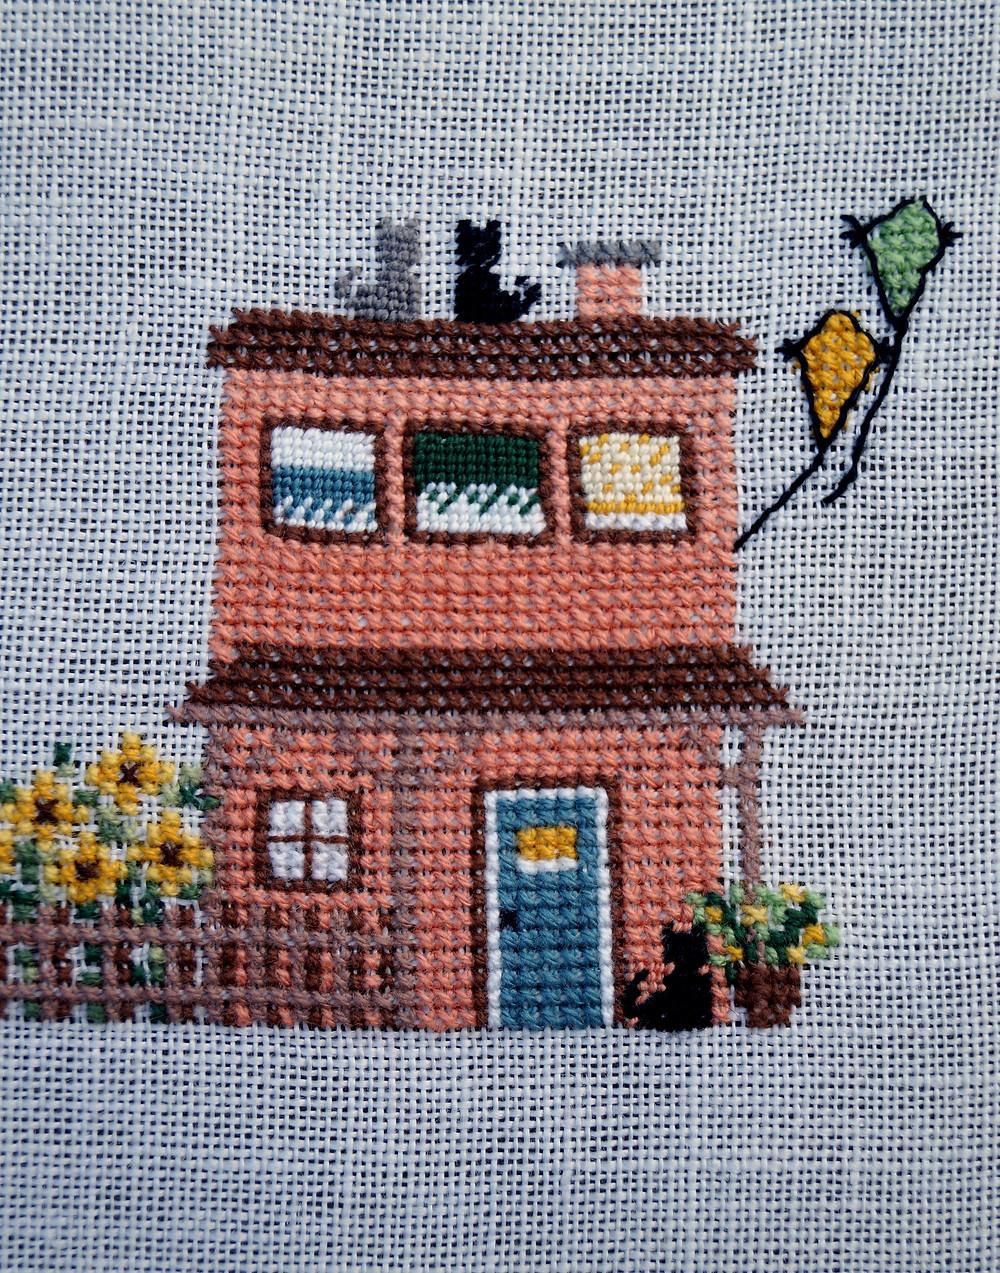 Kreuzstichmotiv Haus im August von Rosa4052 SAL 2019